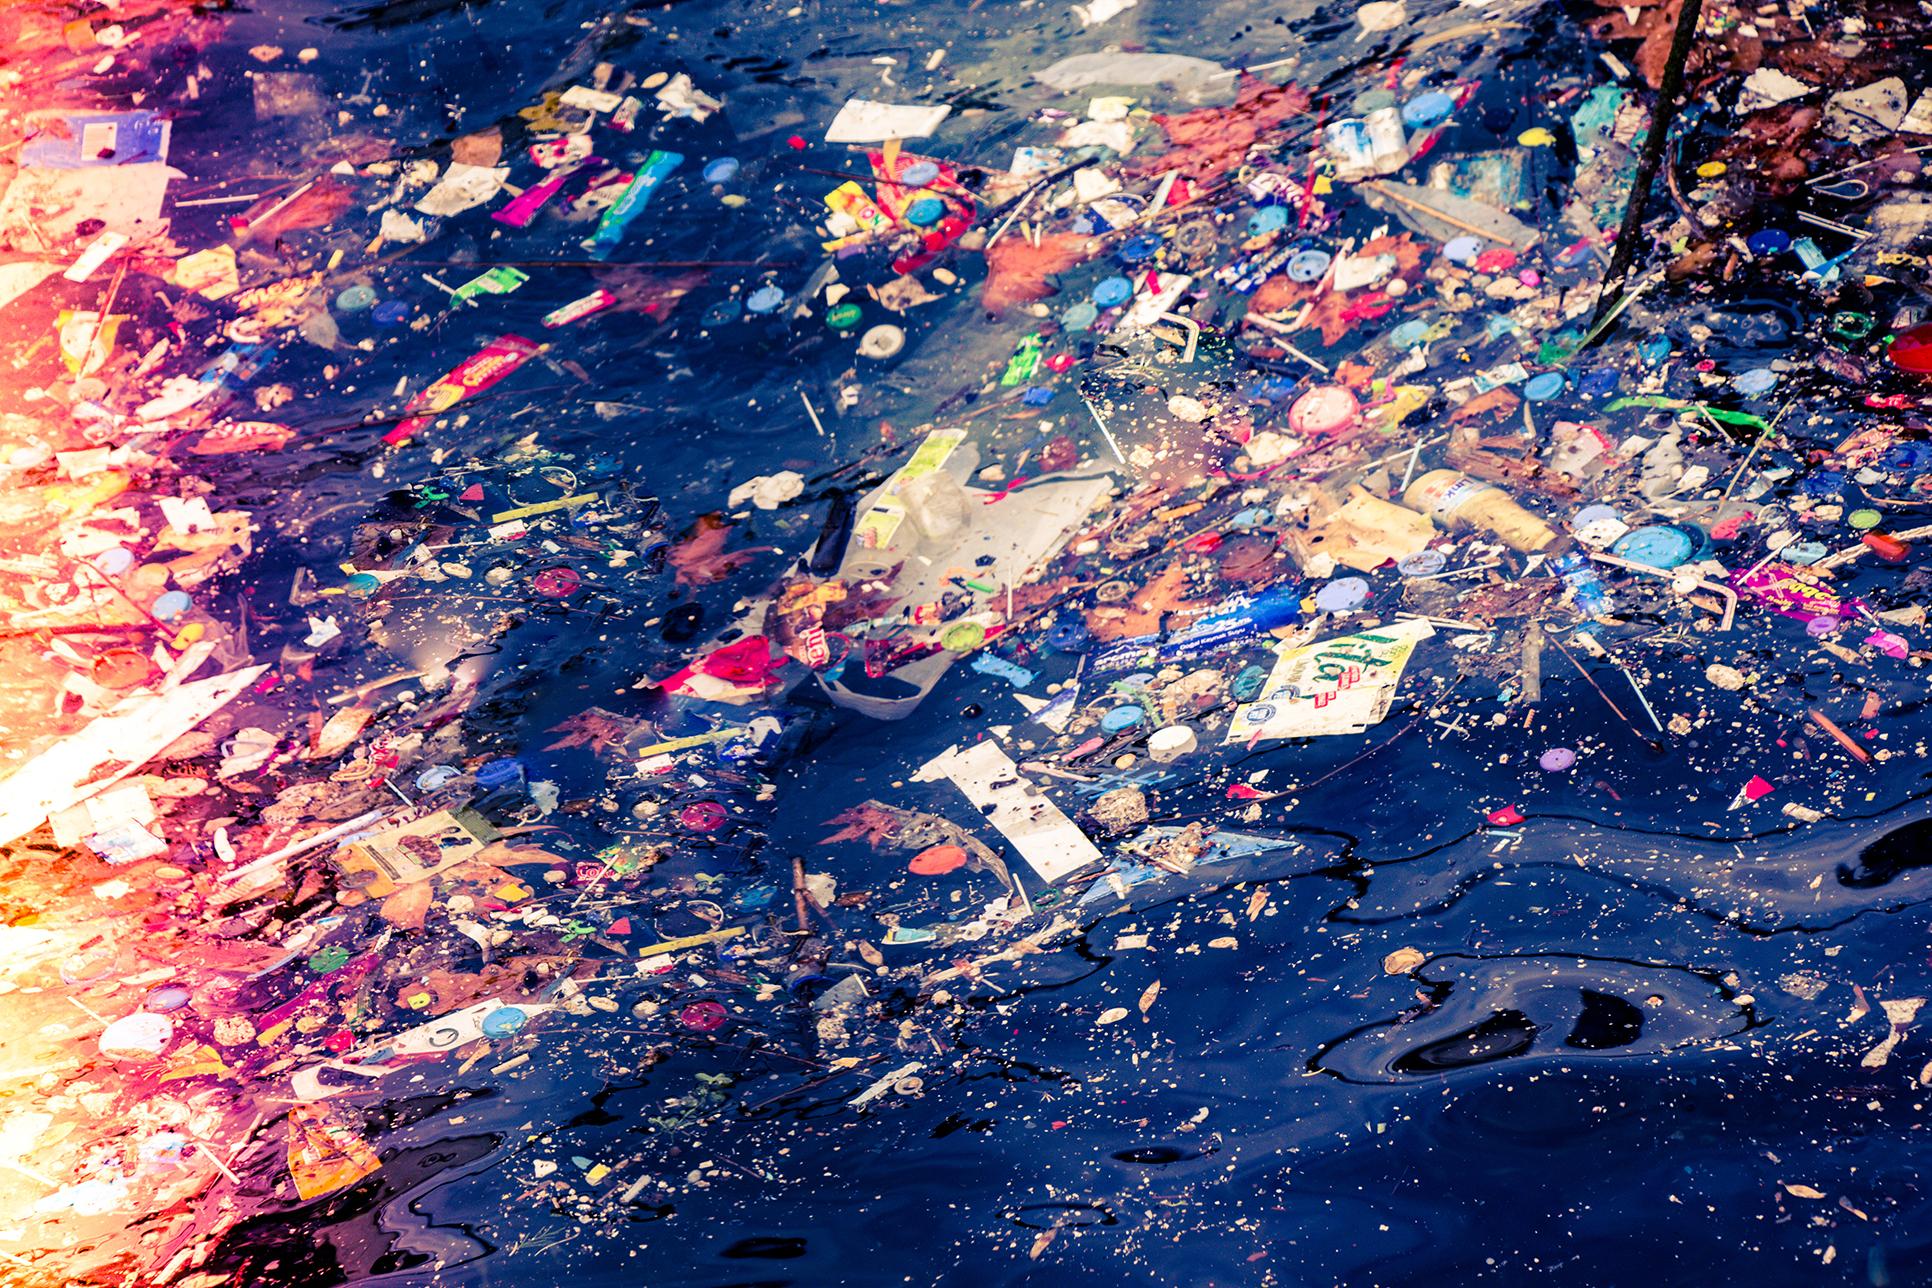 プラスチックの大量消費が、地球にあたえる影響は?